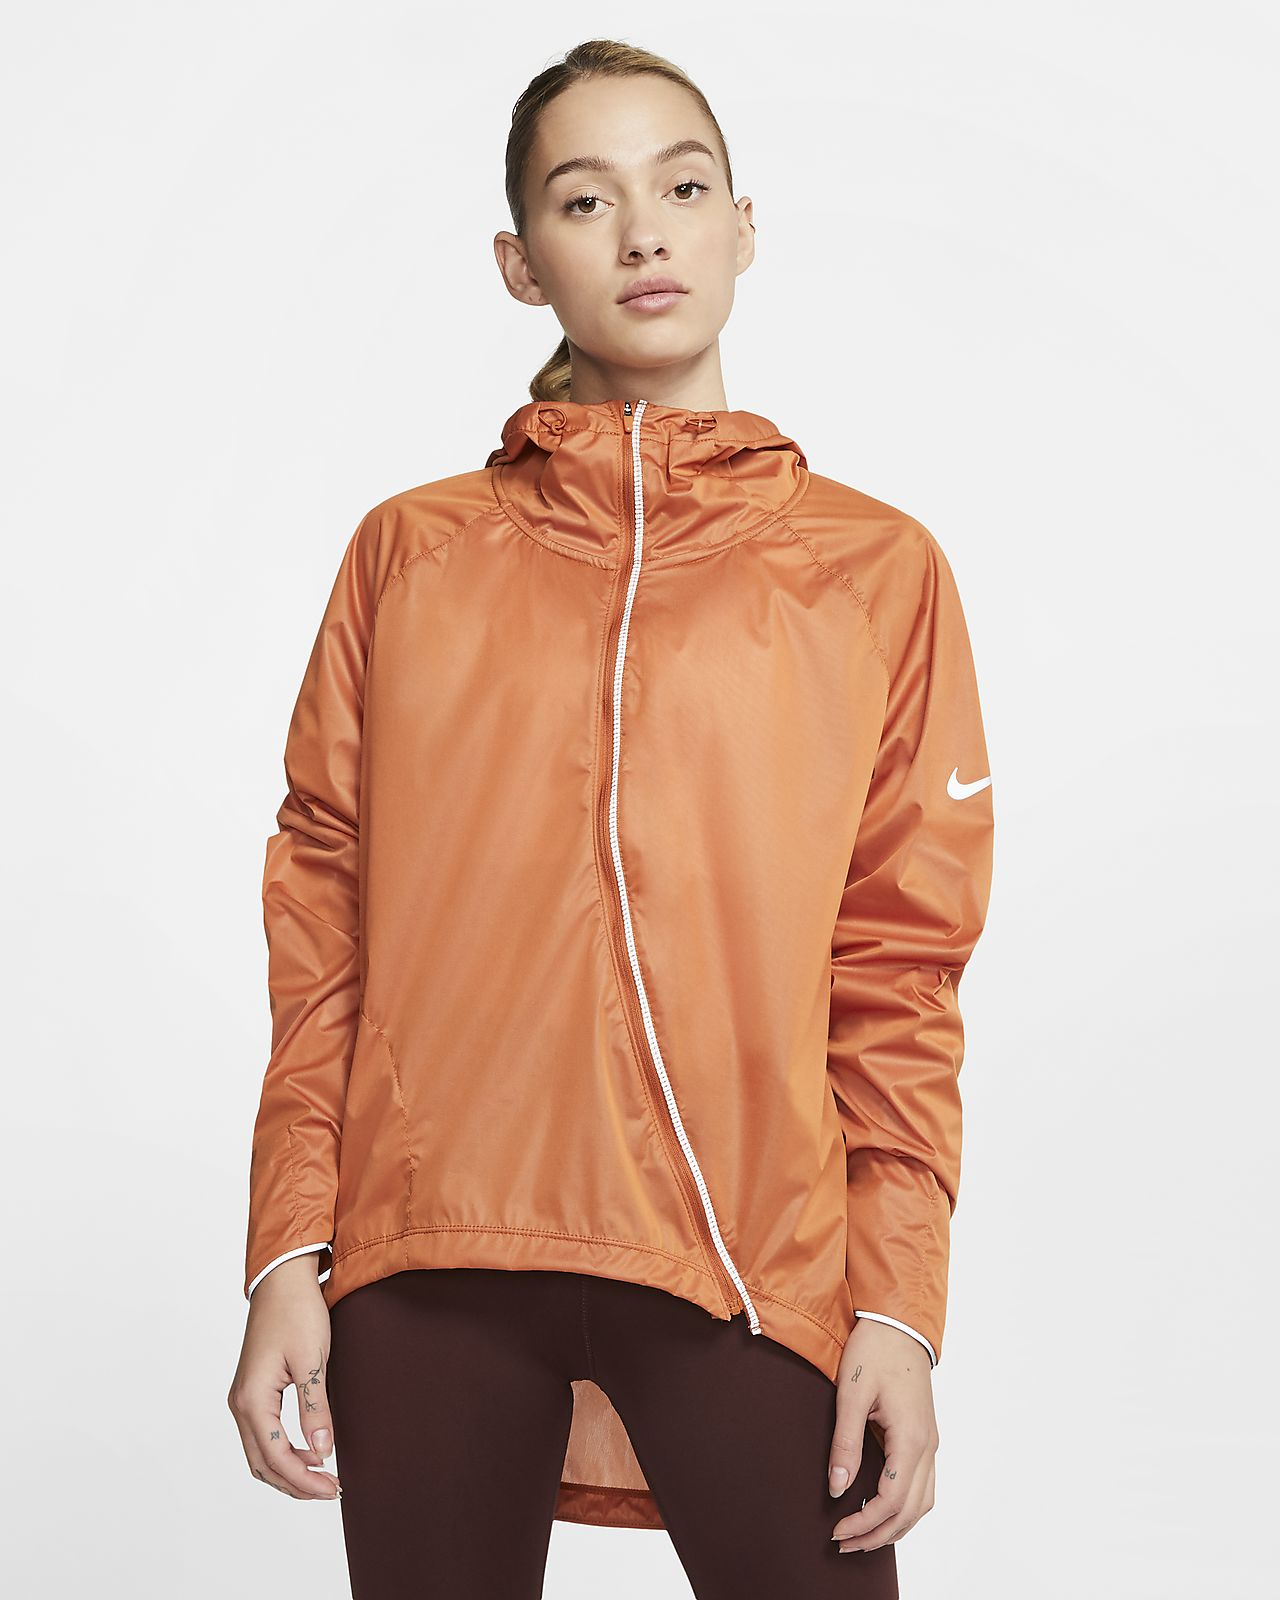 Giacca da running Nike Shield - Donna